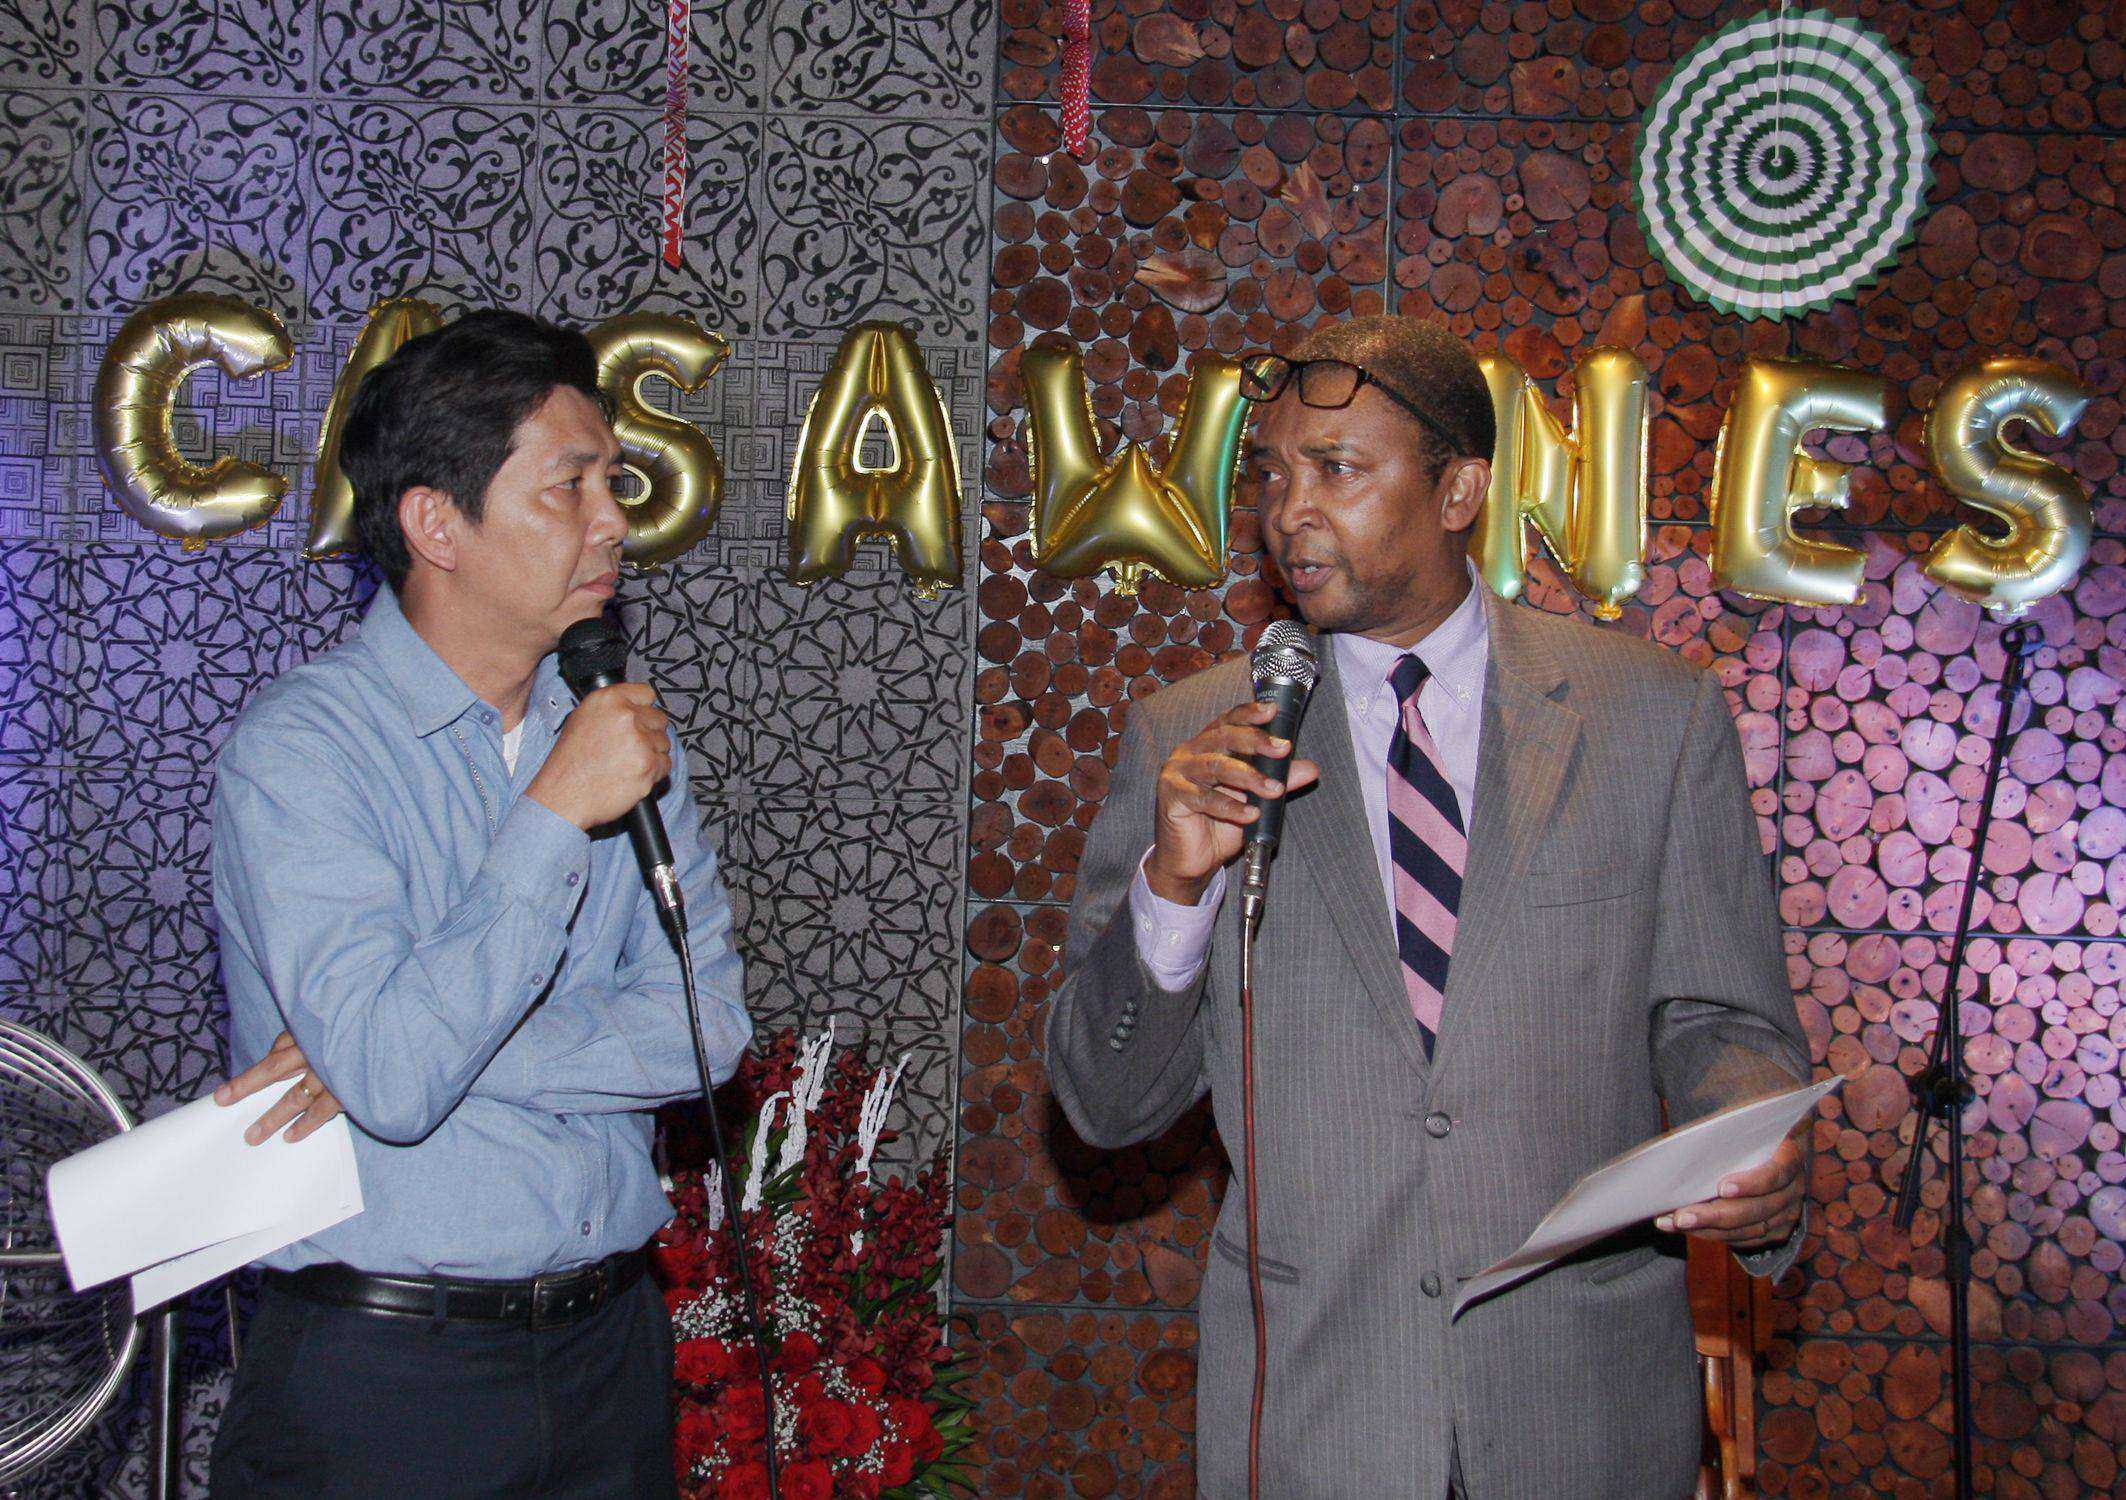 Đại diện Bộ Nông Nghiệp Mỹ phát biểu tại Lễ kỷ niệm 5 năm thành lập của Casawines